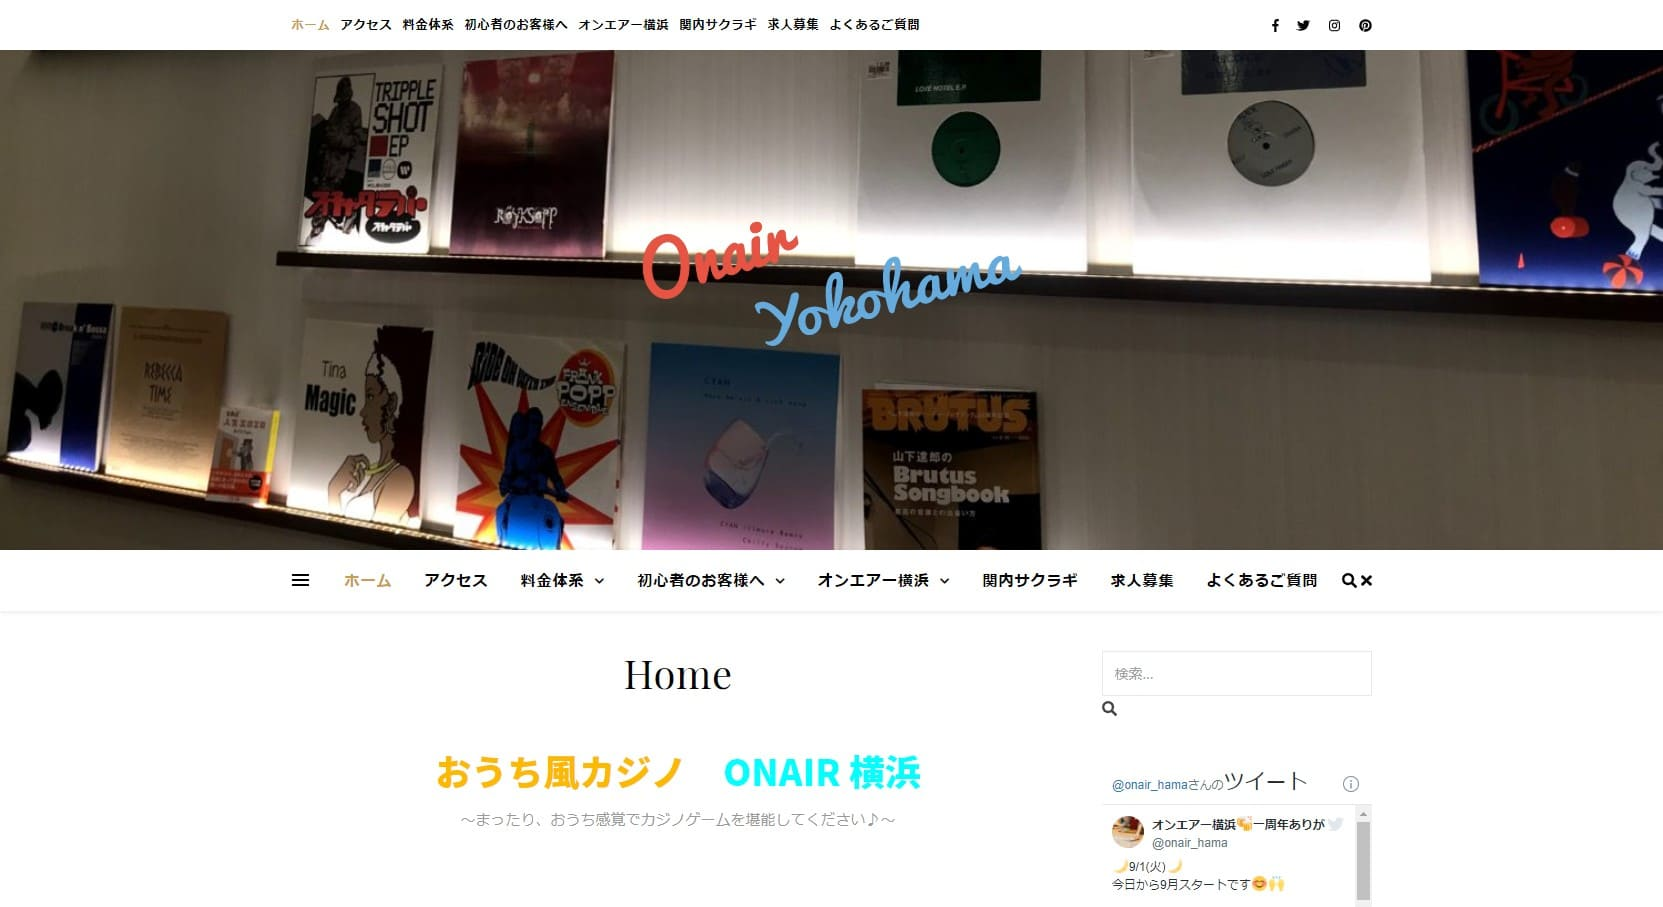 オンエアー横浜のウェブサイト画像。